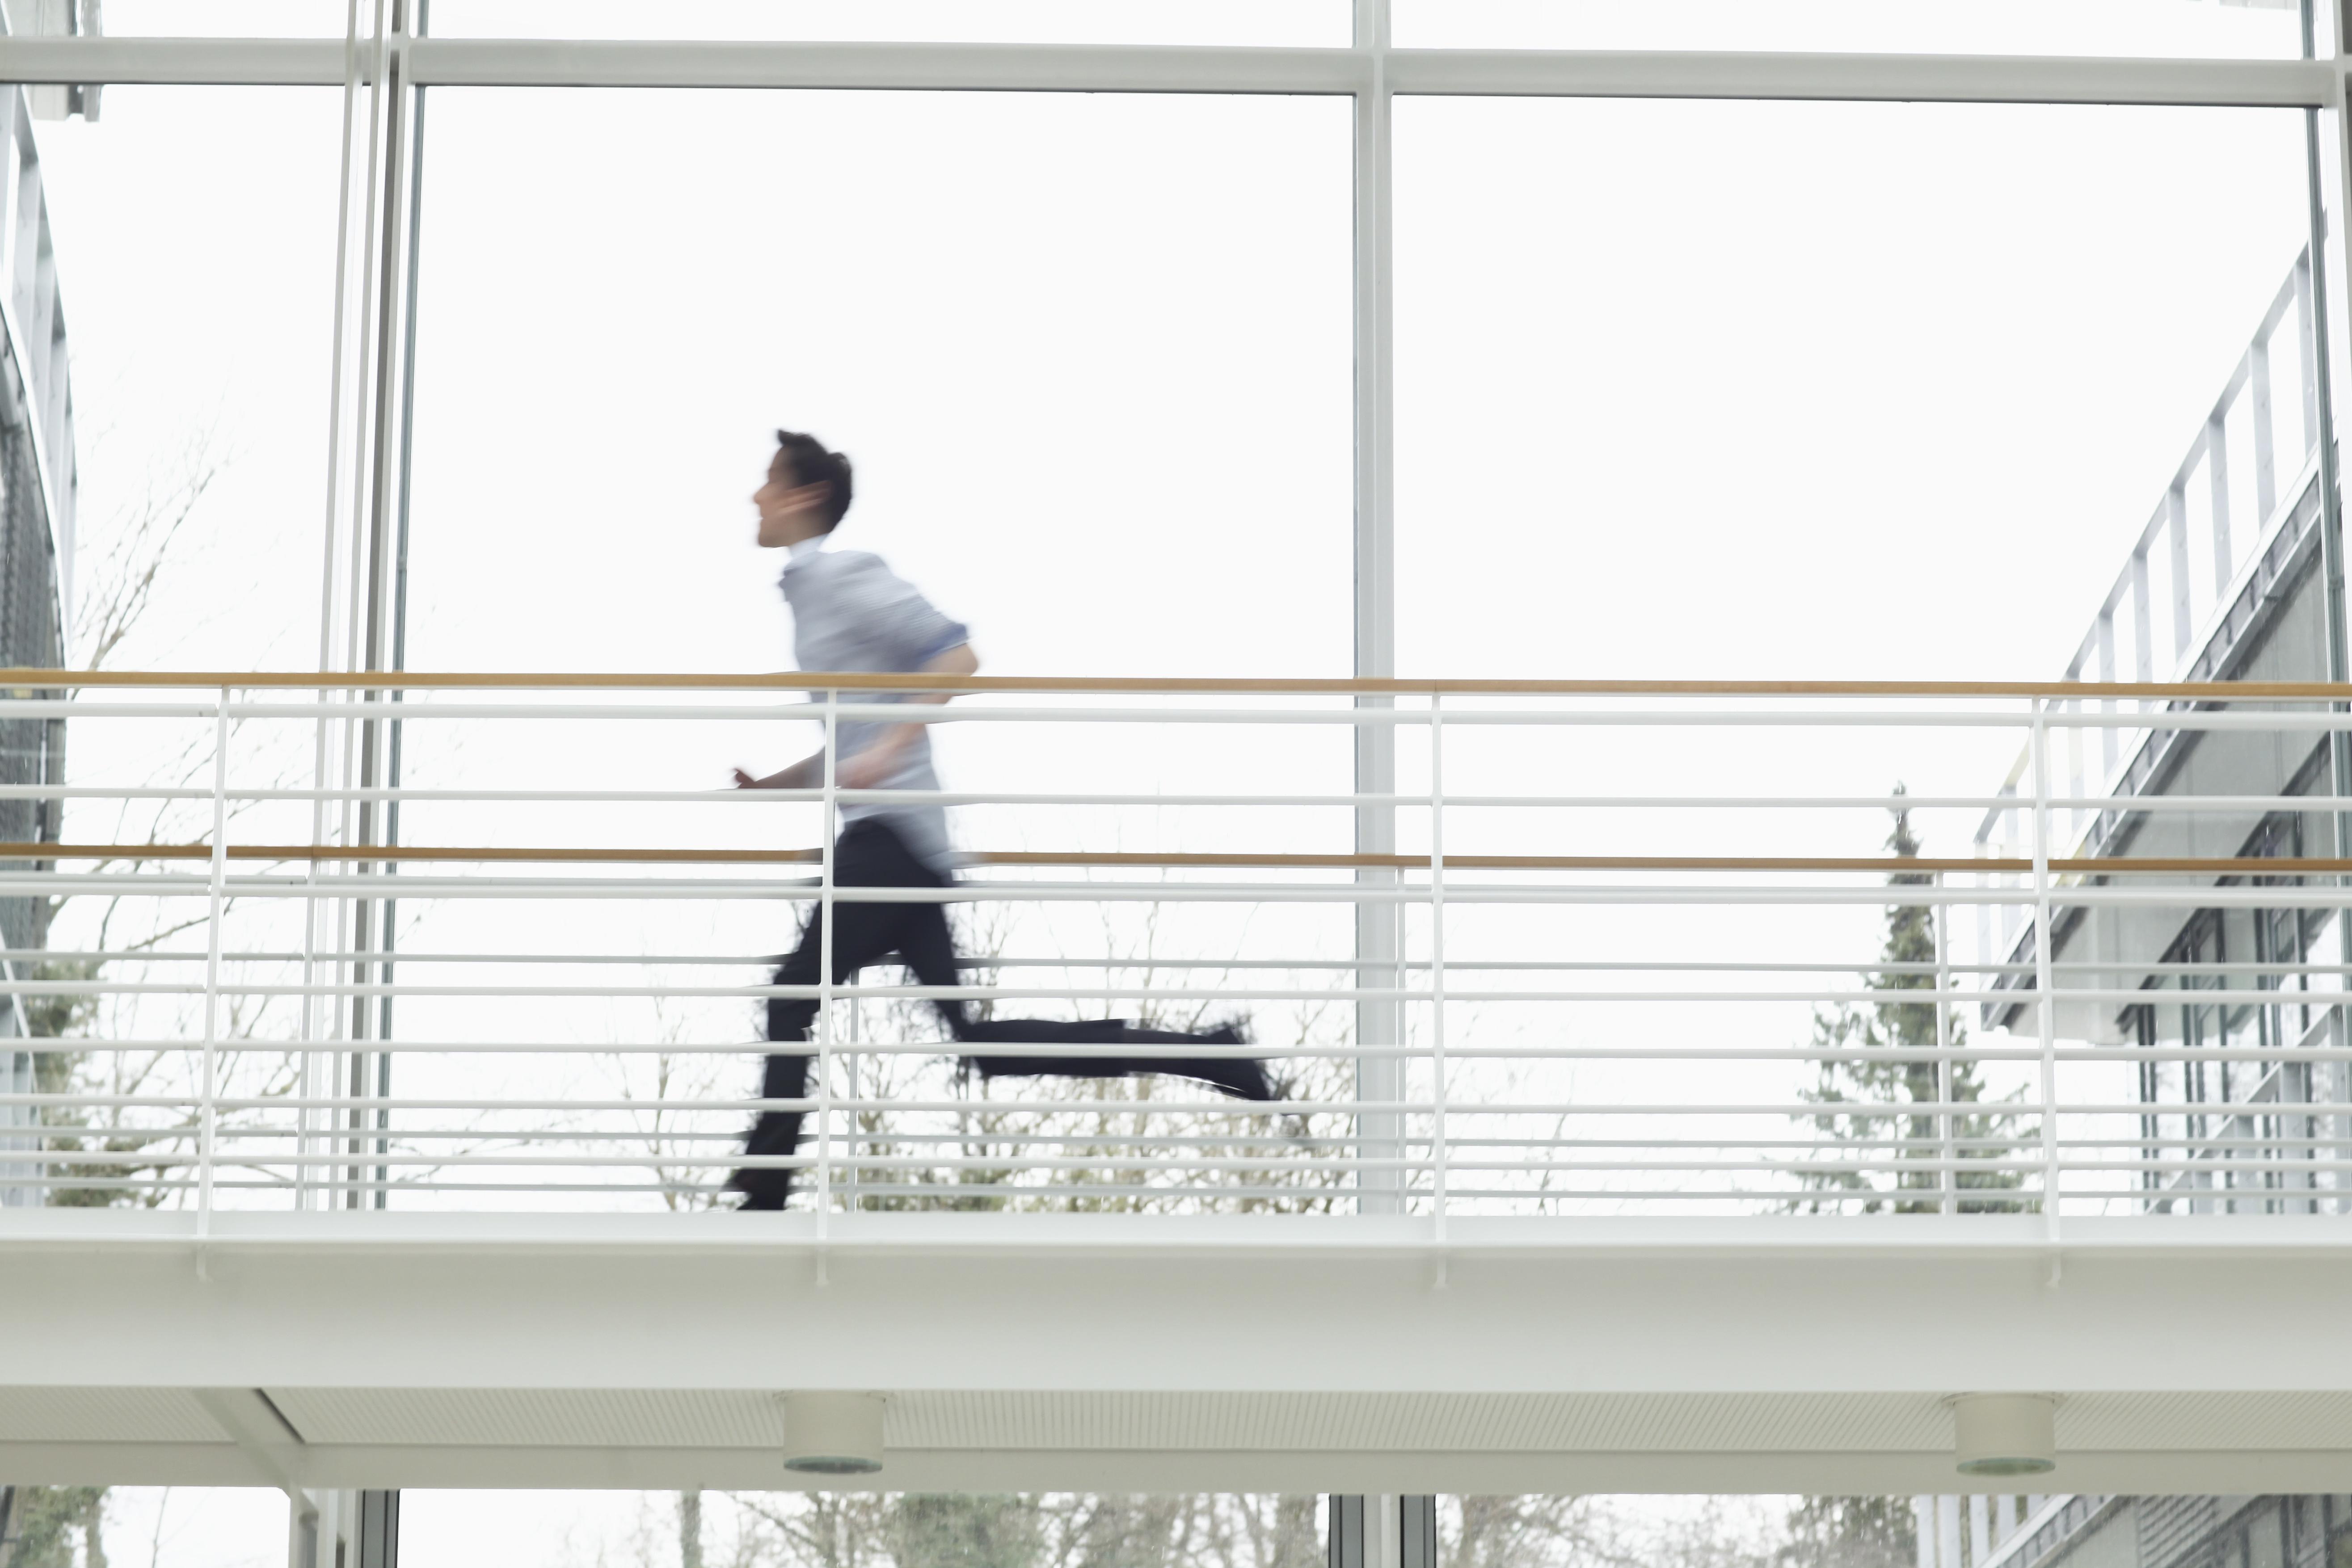 Teenage boy running on walkway